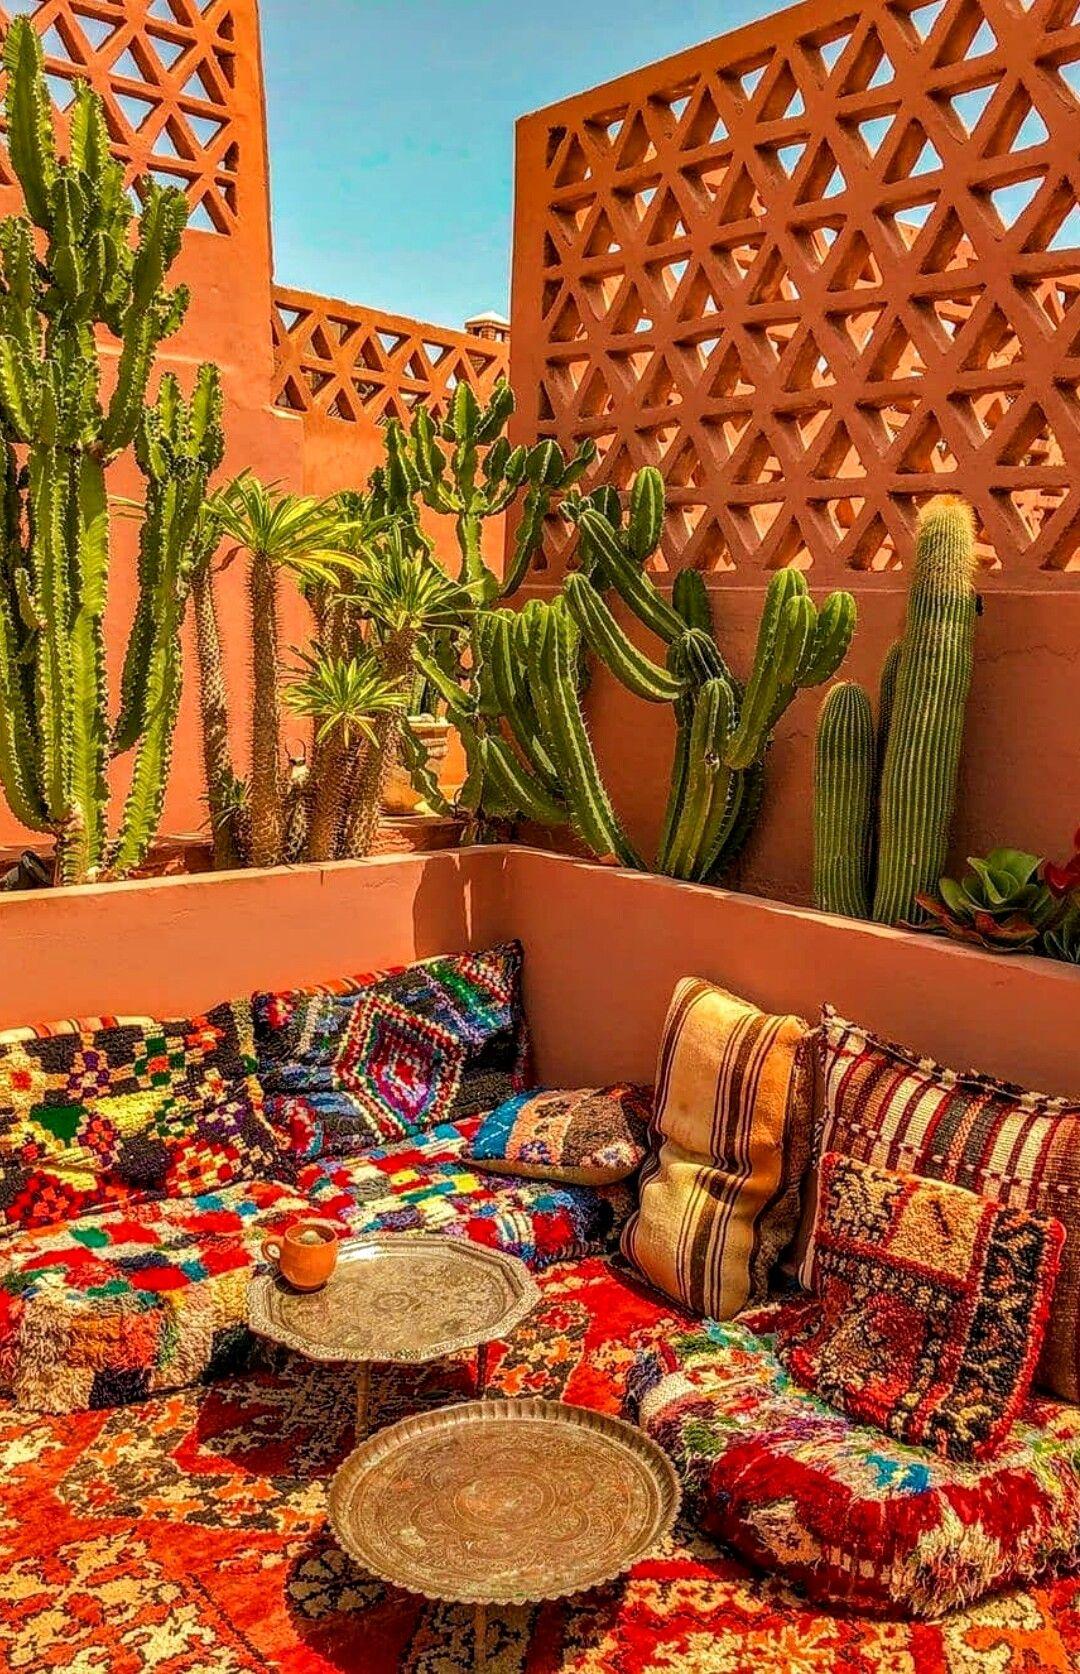 Pin By Miriam Lozada Herran On Morocco Small Balcony Decor Backyard Decor Balcony Decor